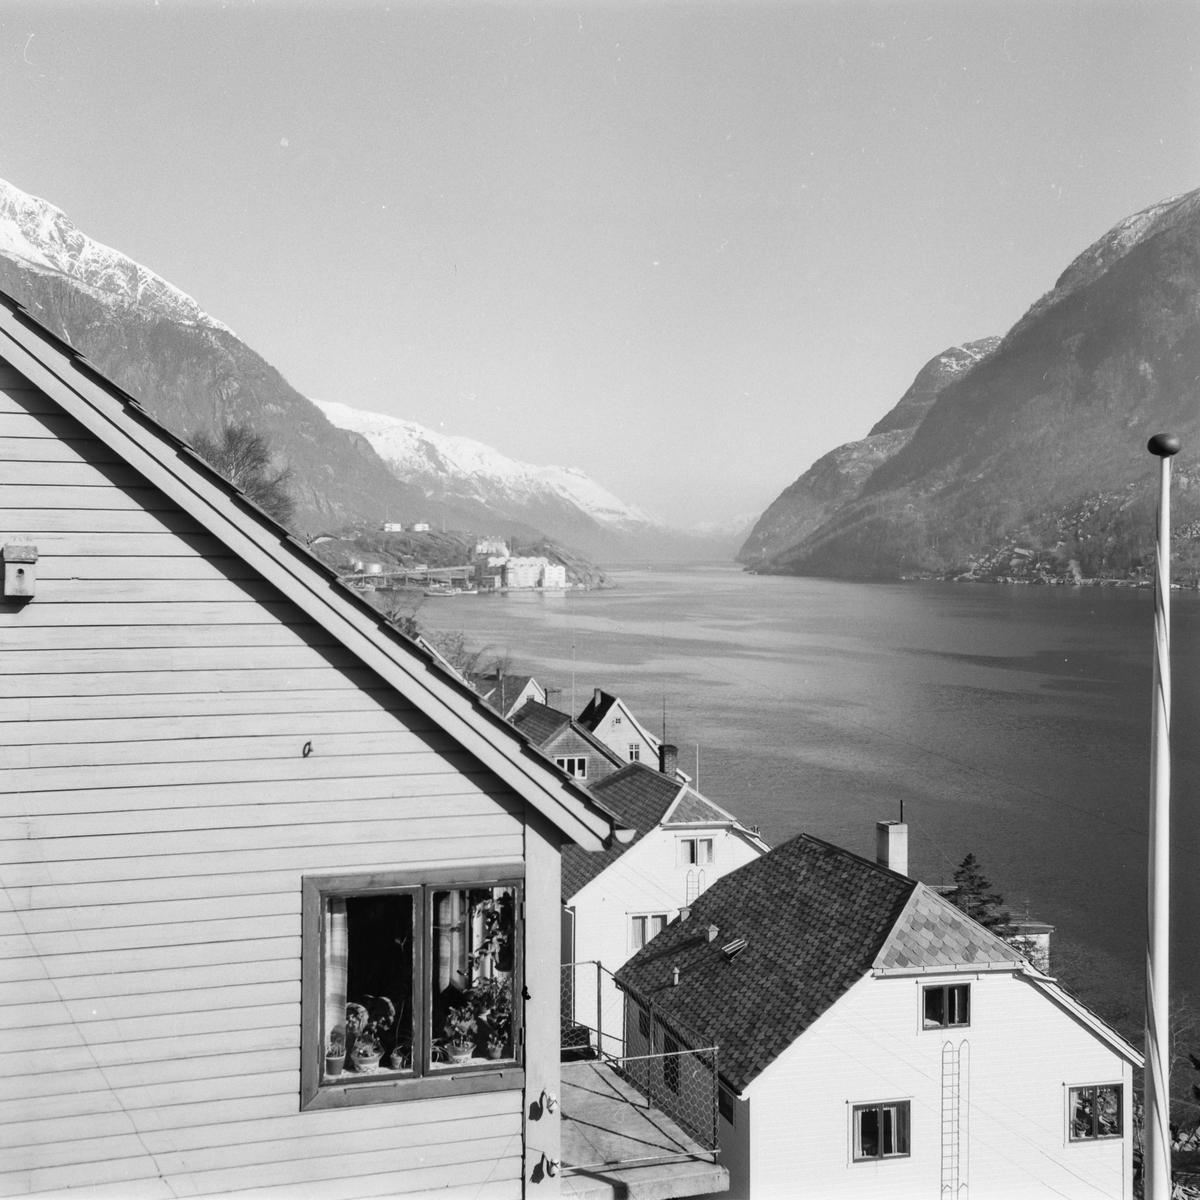 Kalvanes, bustadhus, Sørfjorden, Eitrheimsneset med Norzink, fabrikk, snødekte fjell, flaggstong